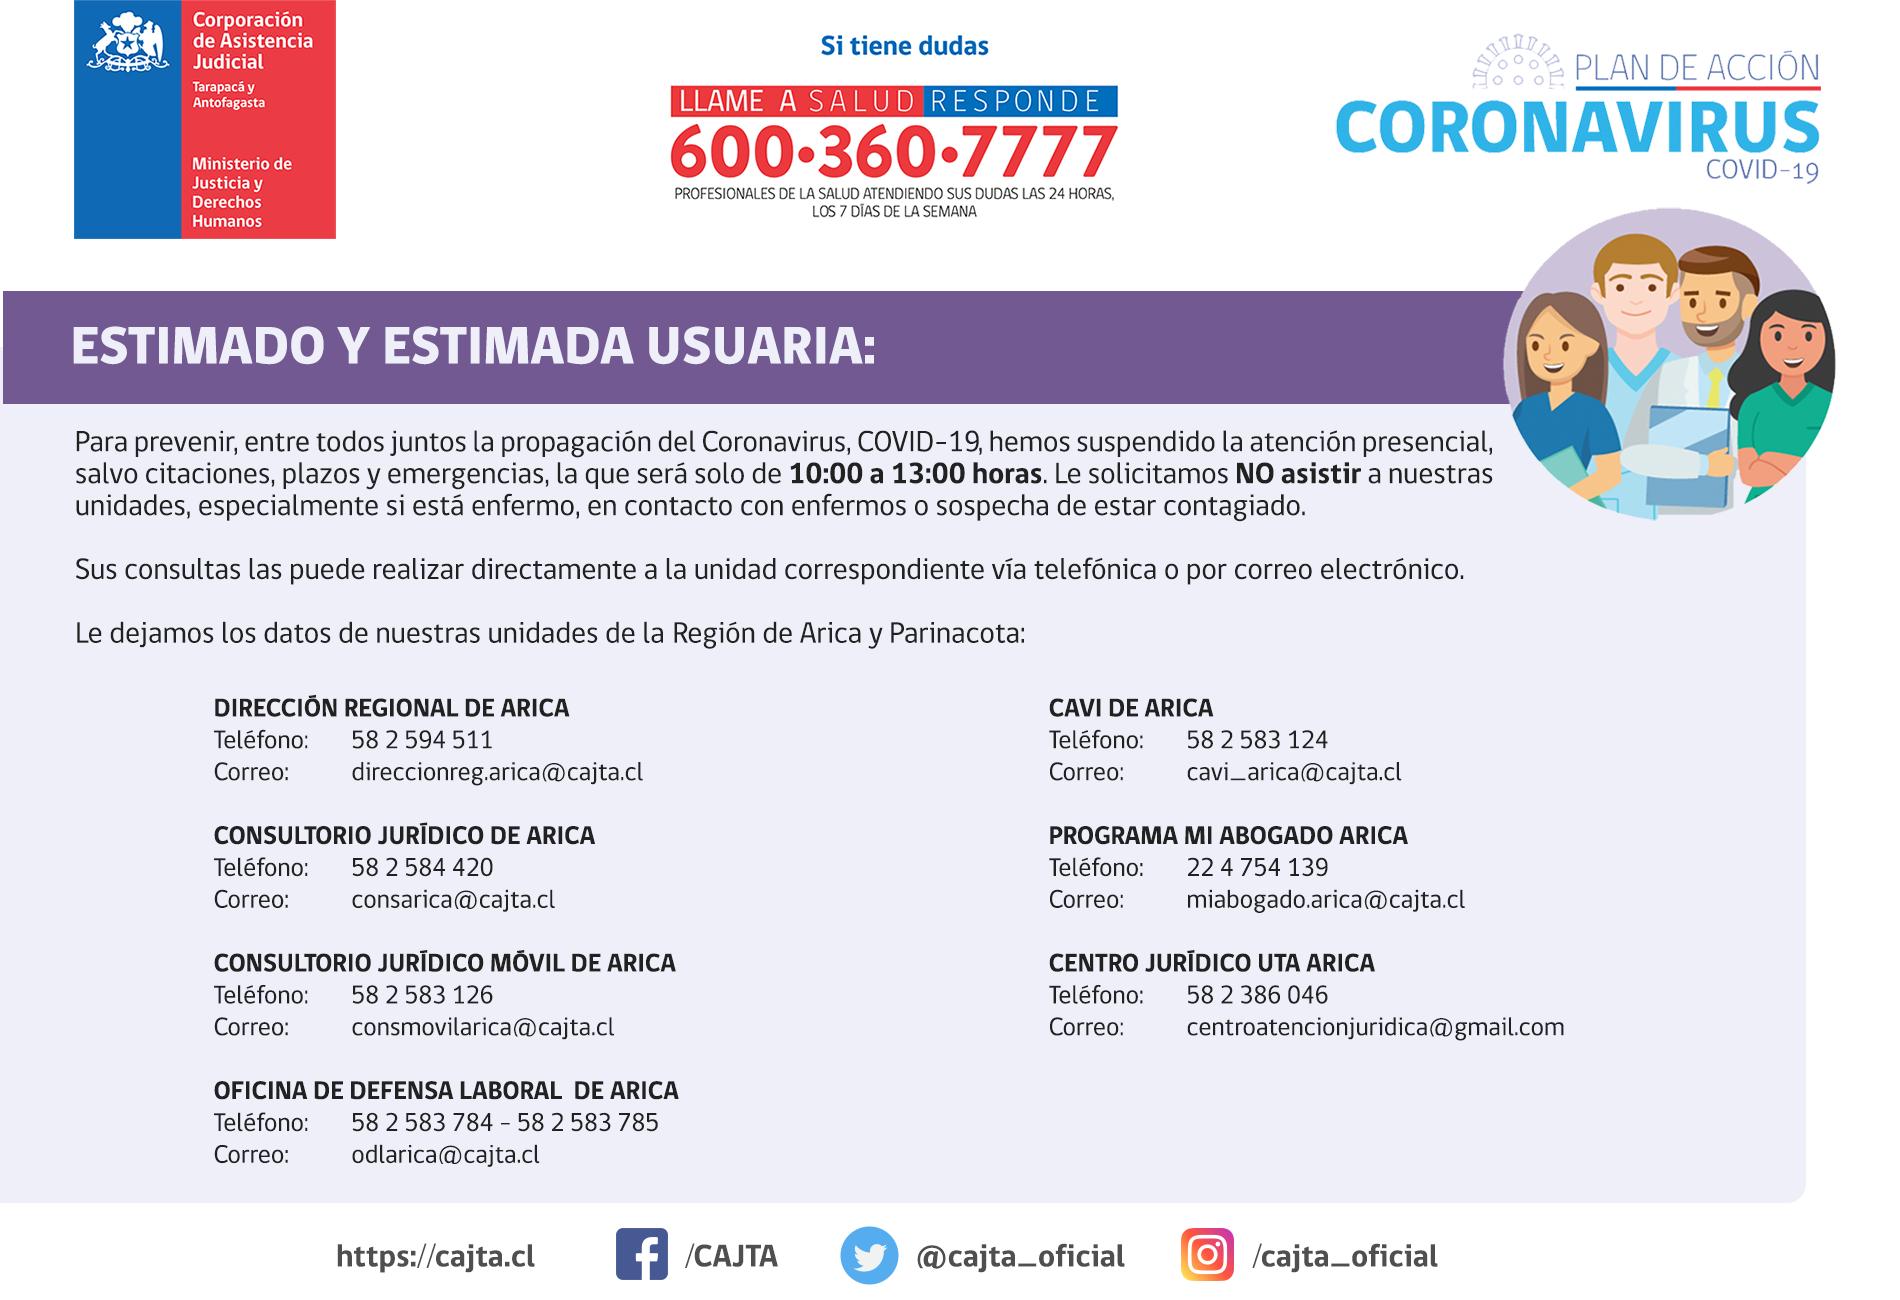 Región de Arica y Parinacota - Informa suspesión de las atenciones presenciales